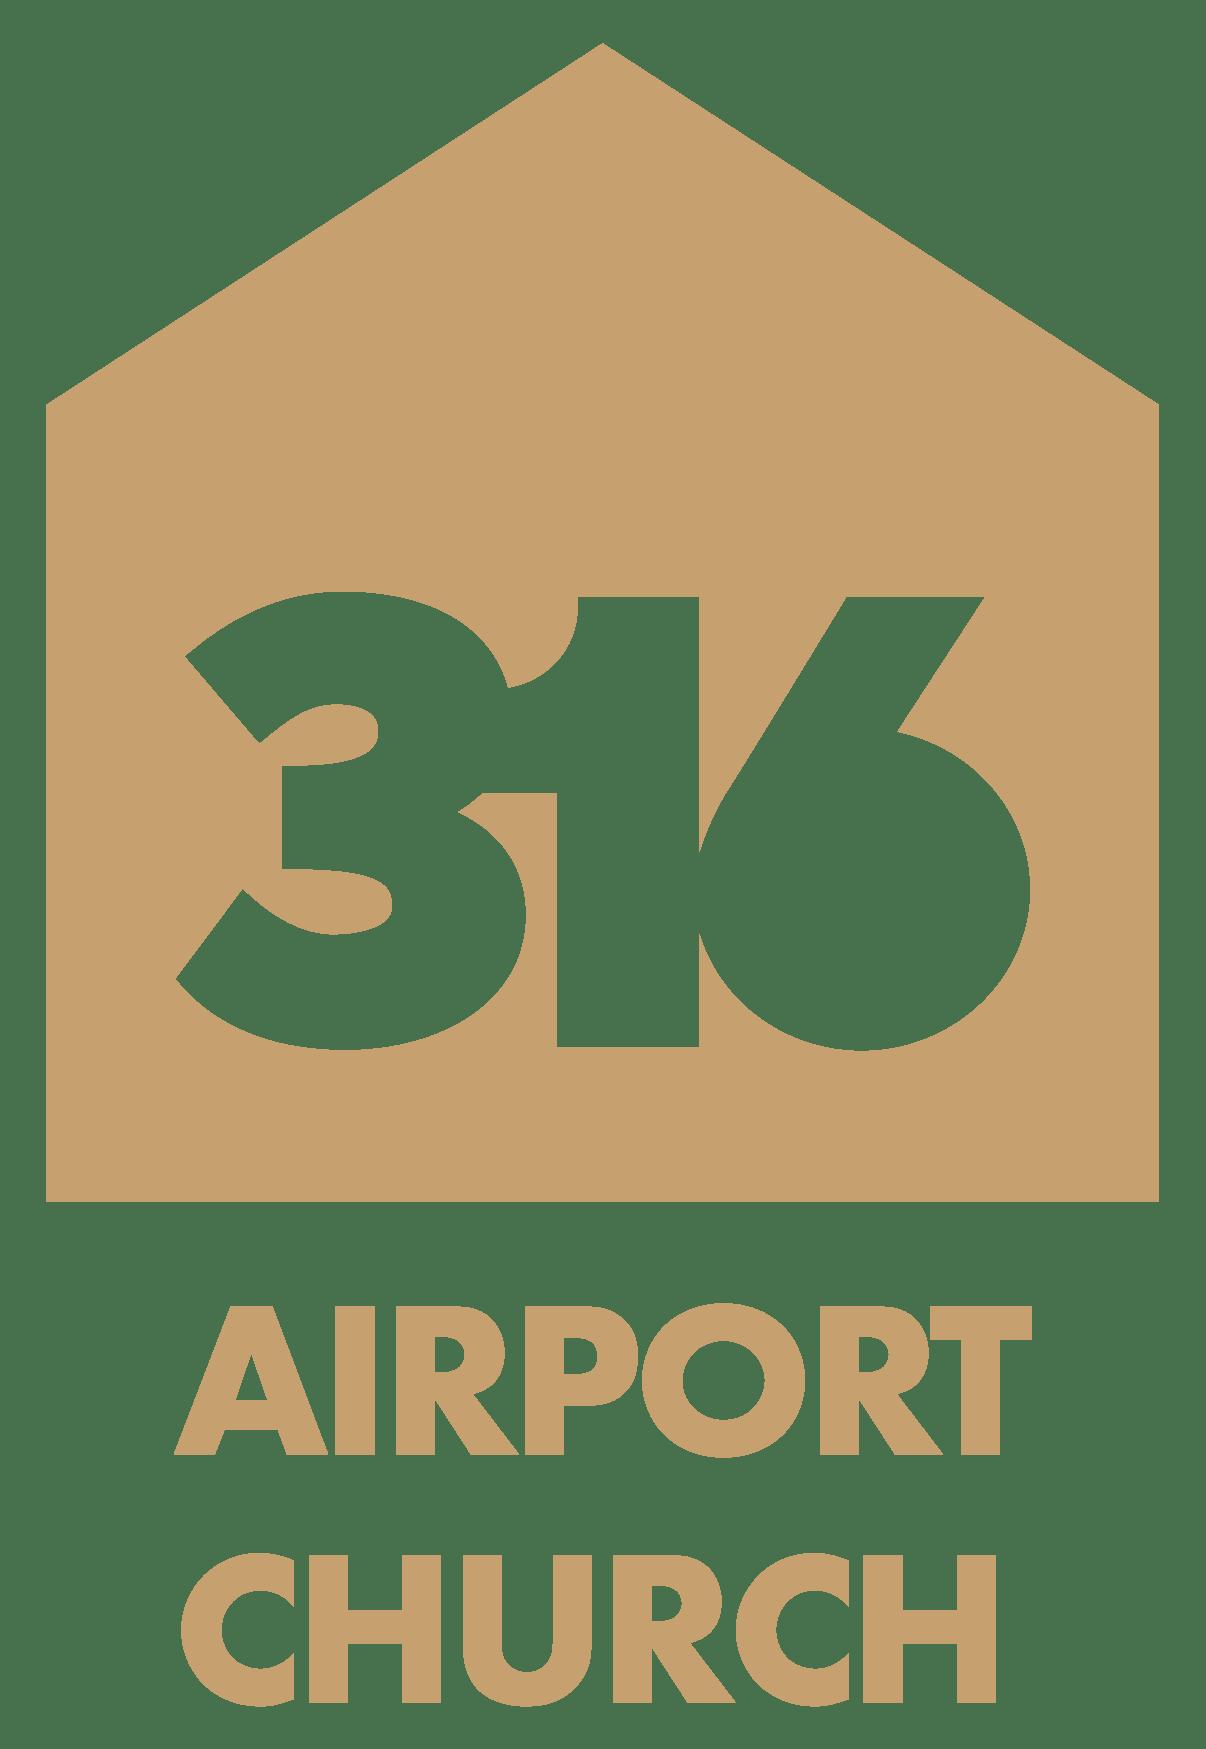 316-color-vert-2